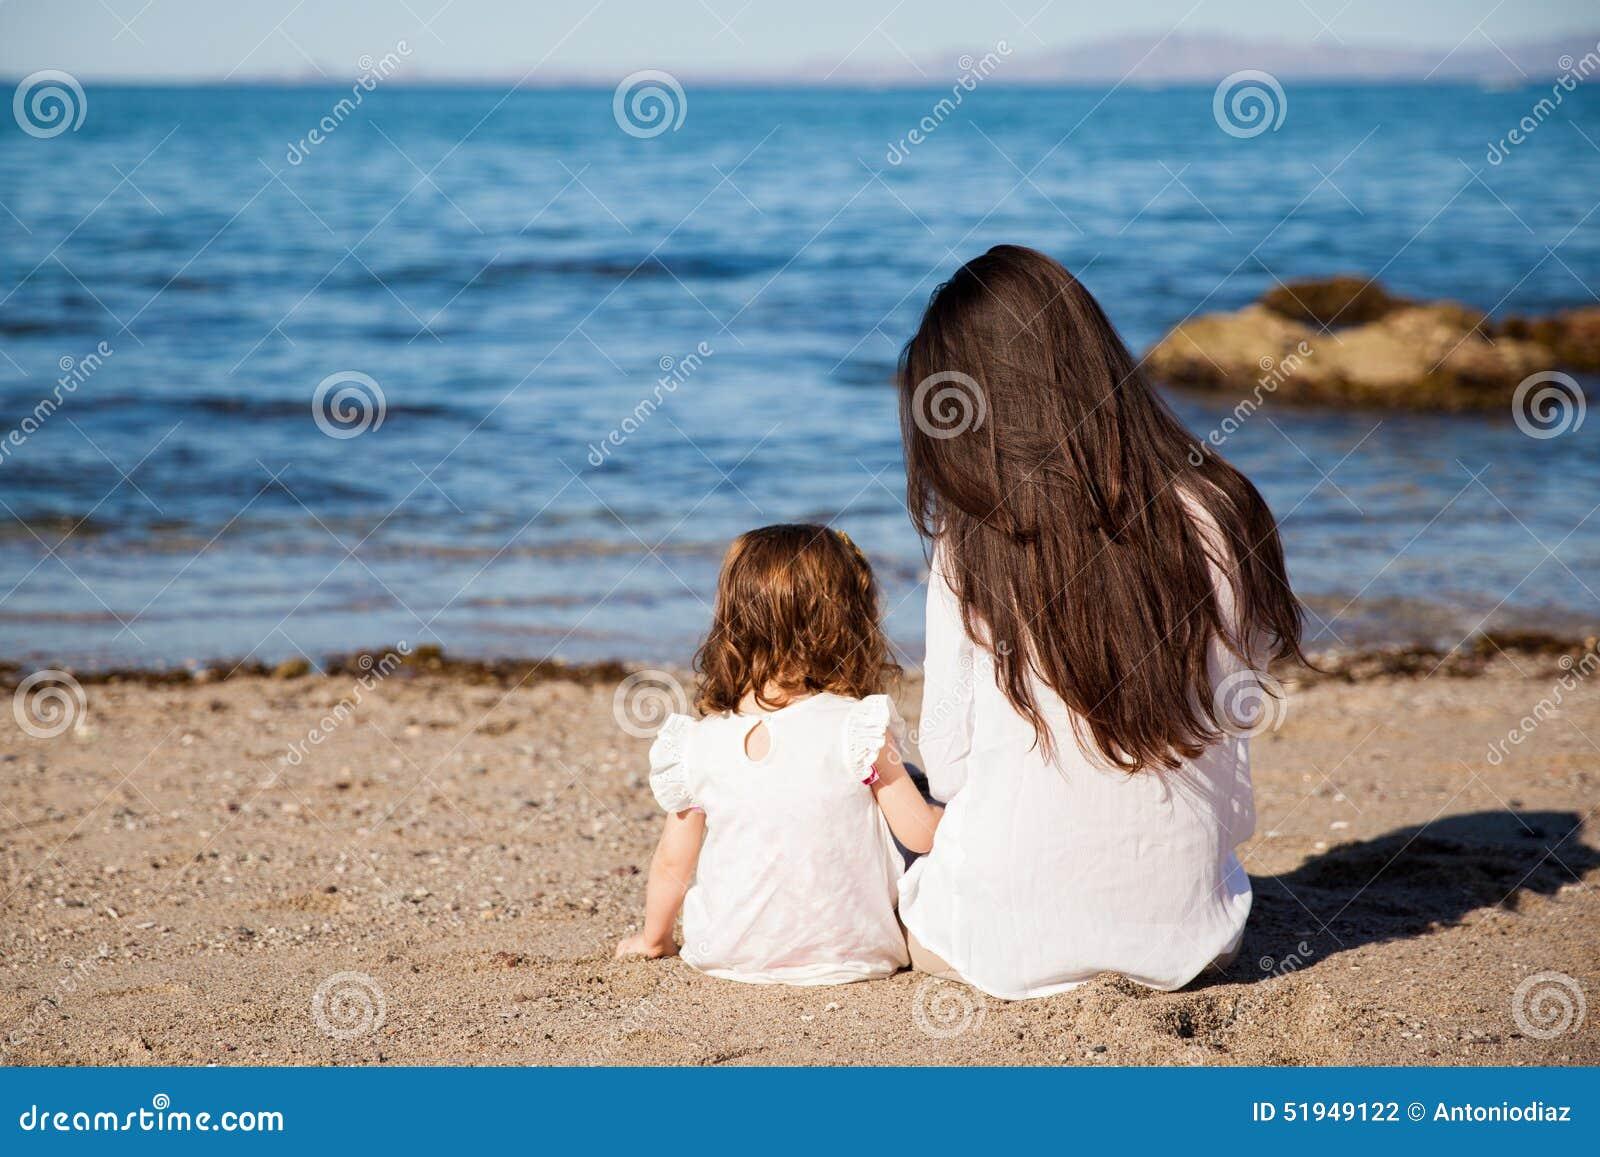 Фото мамы и дочки без лица, Мамы и дочки (19 фото) 27 фотография